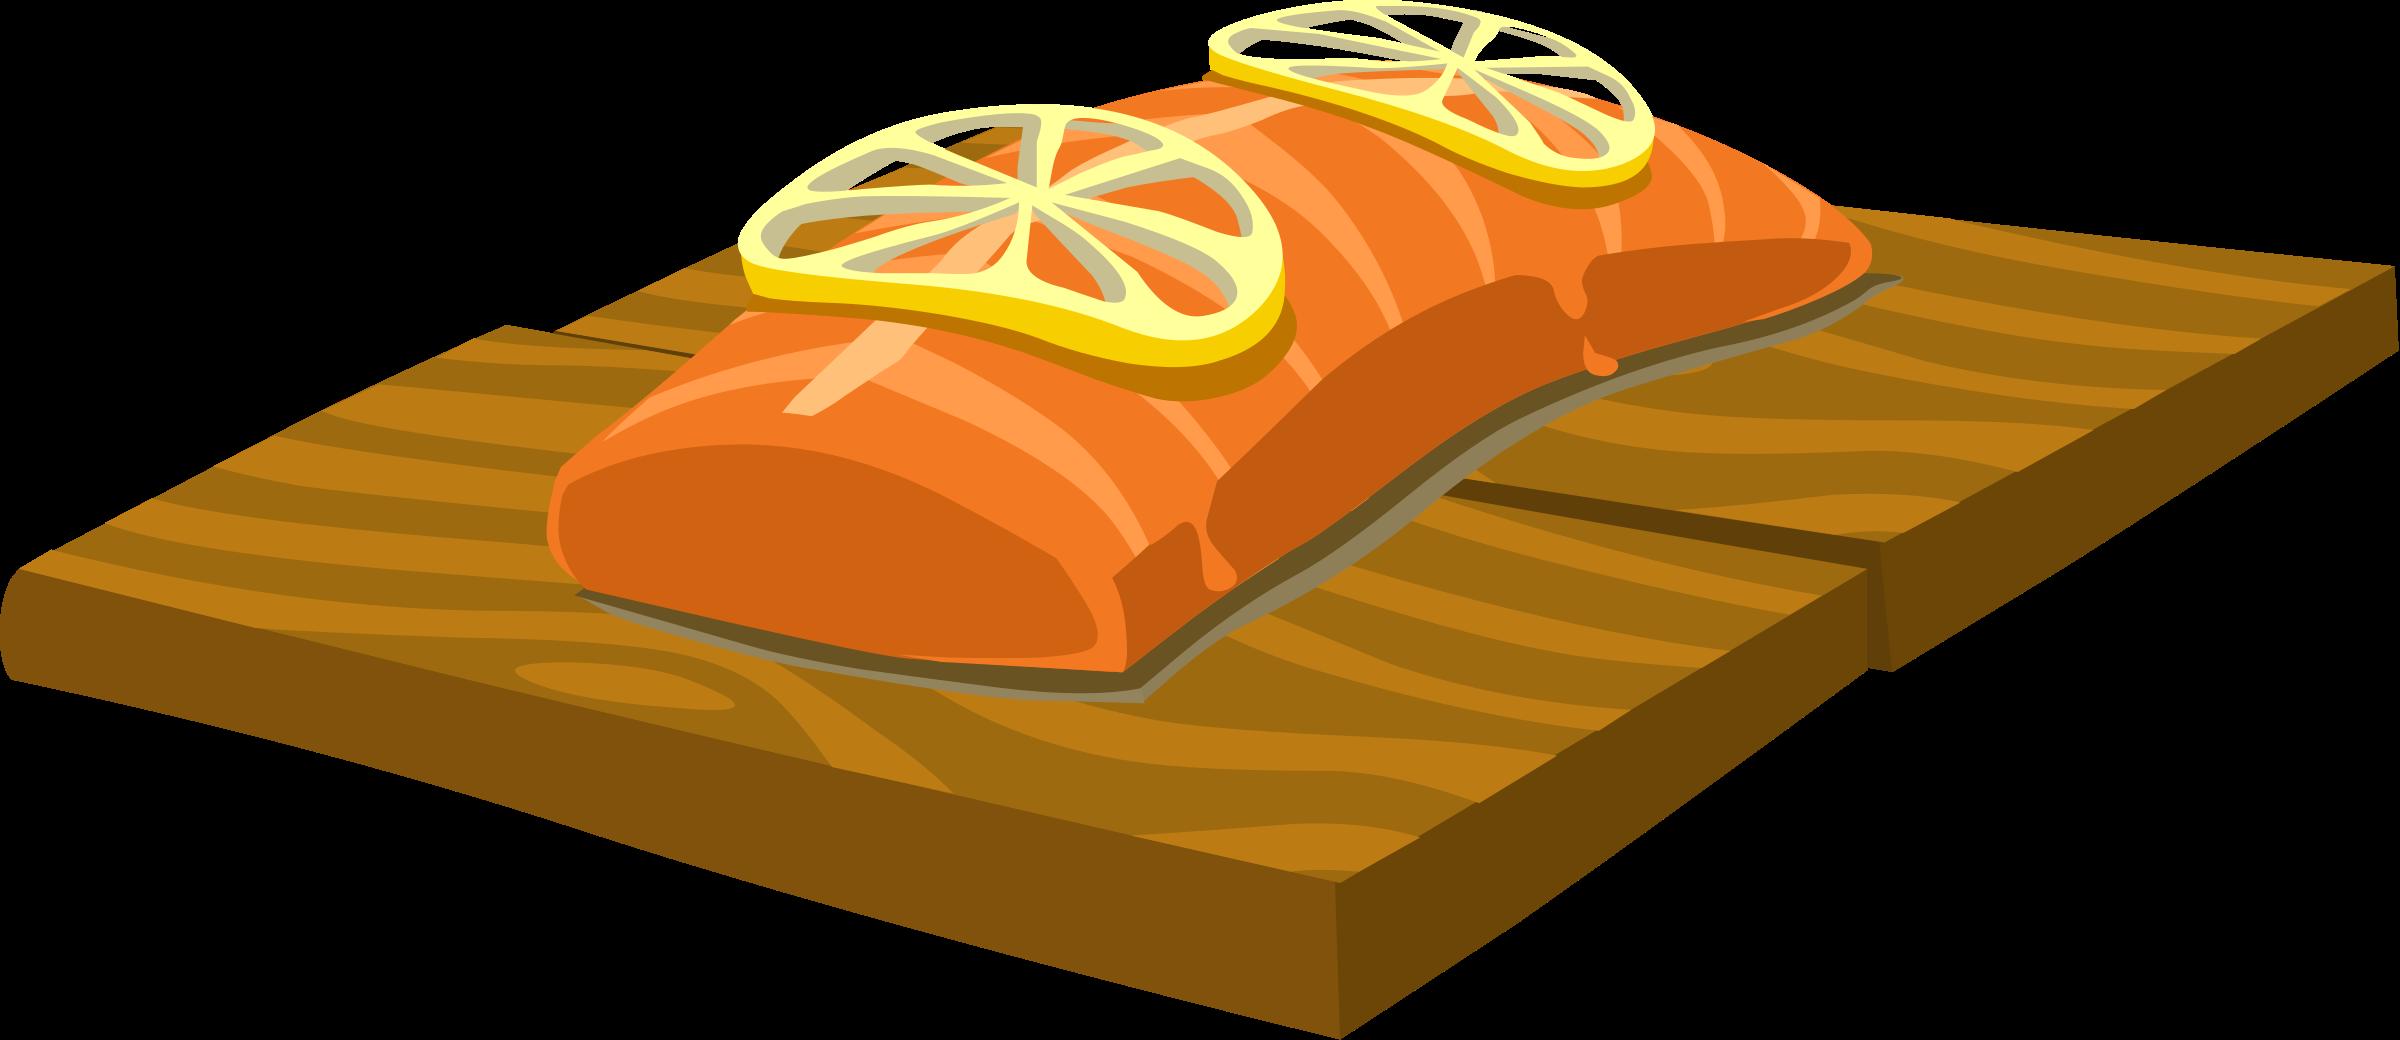 Food Cedar Plank Salmon By Glitch